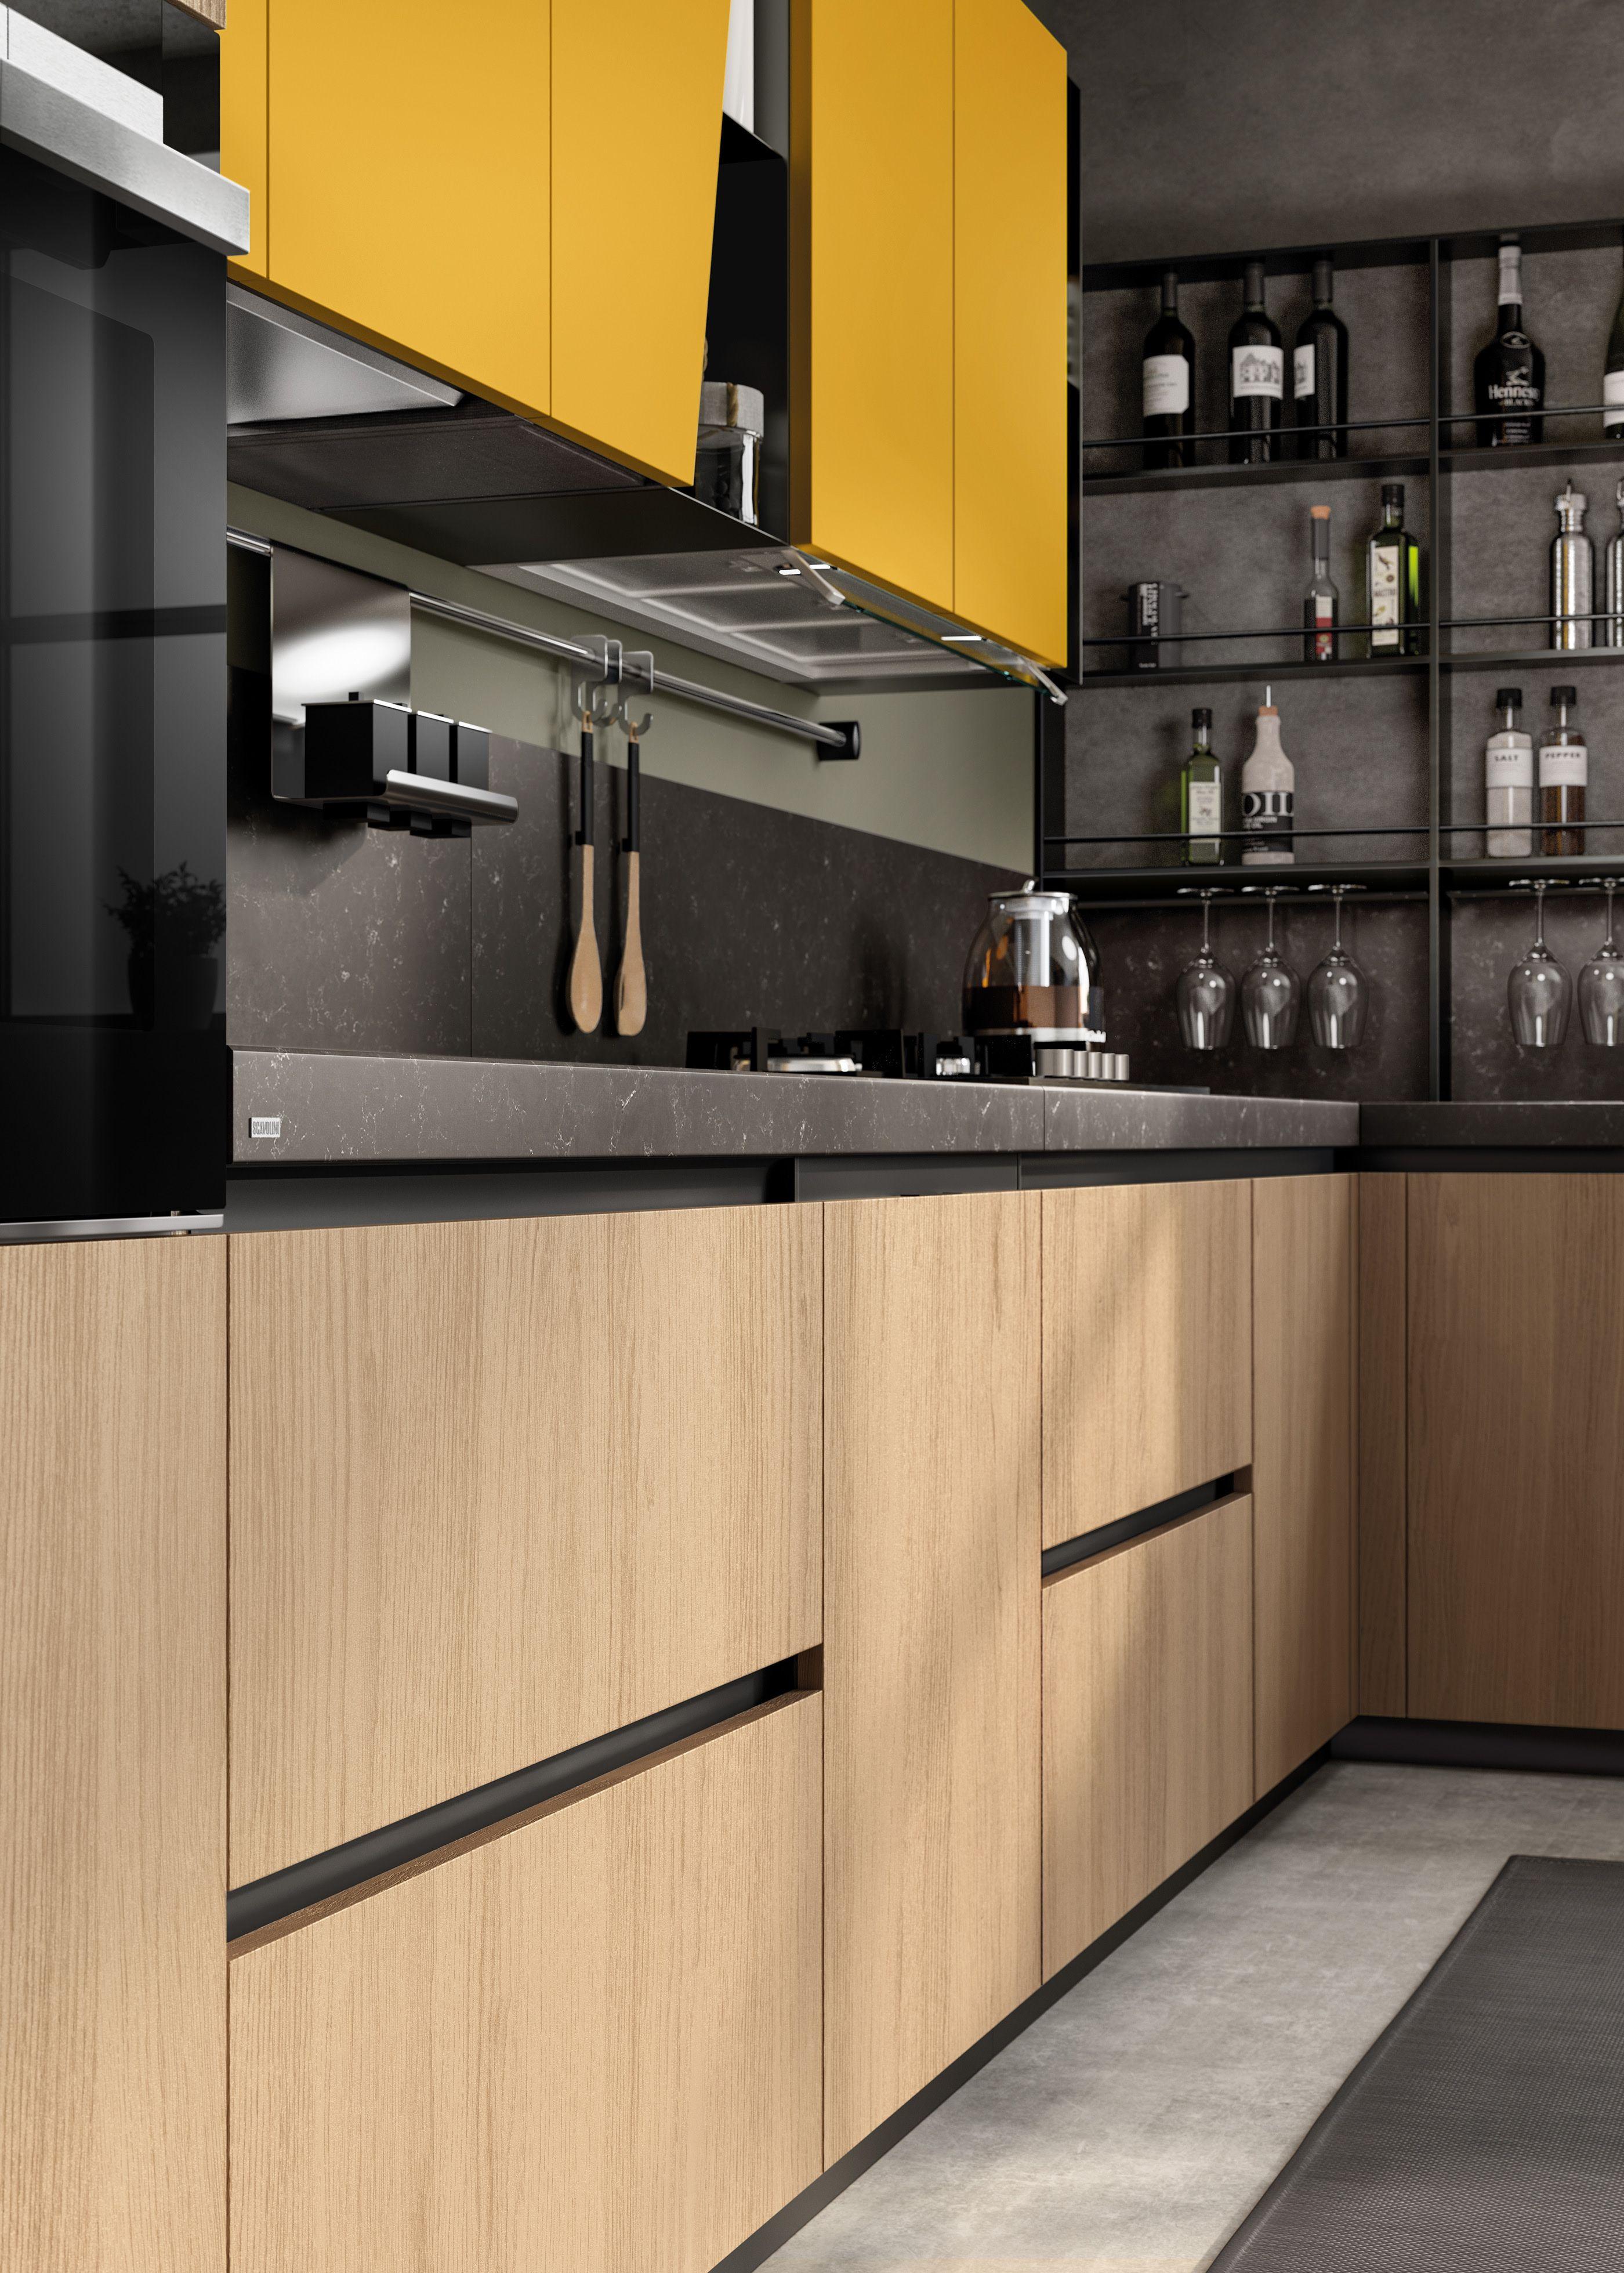 Kitchen 2019 on Behance in 2020 Kitchen interior design